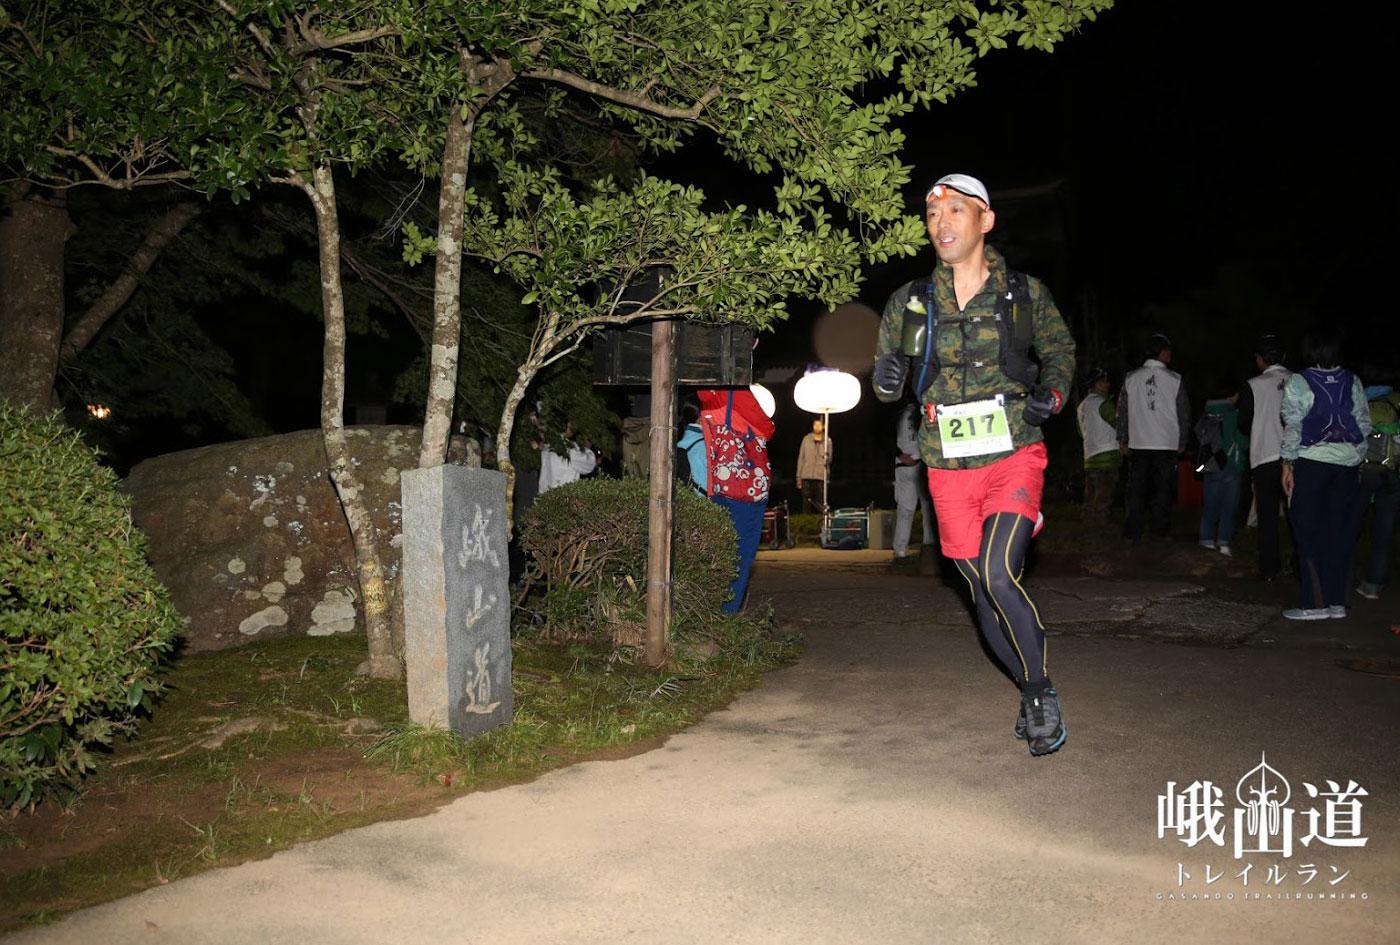 峨山道トレイルラン Gasando Trail running | 石川県